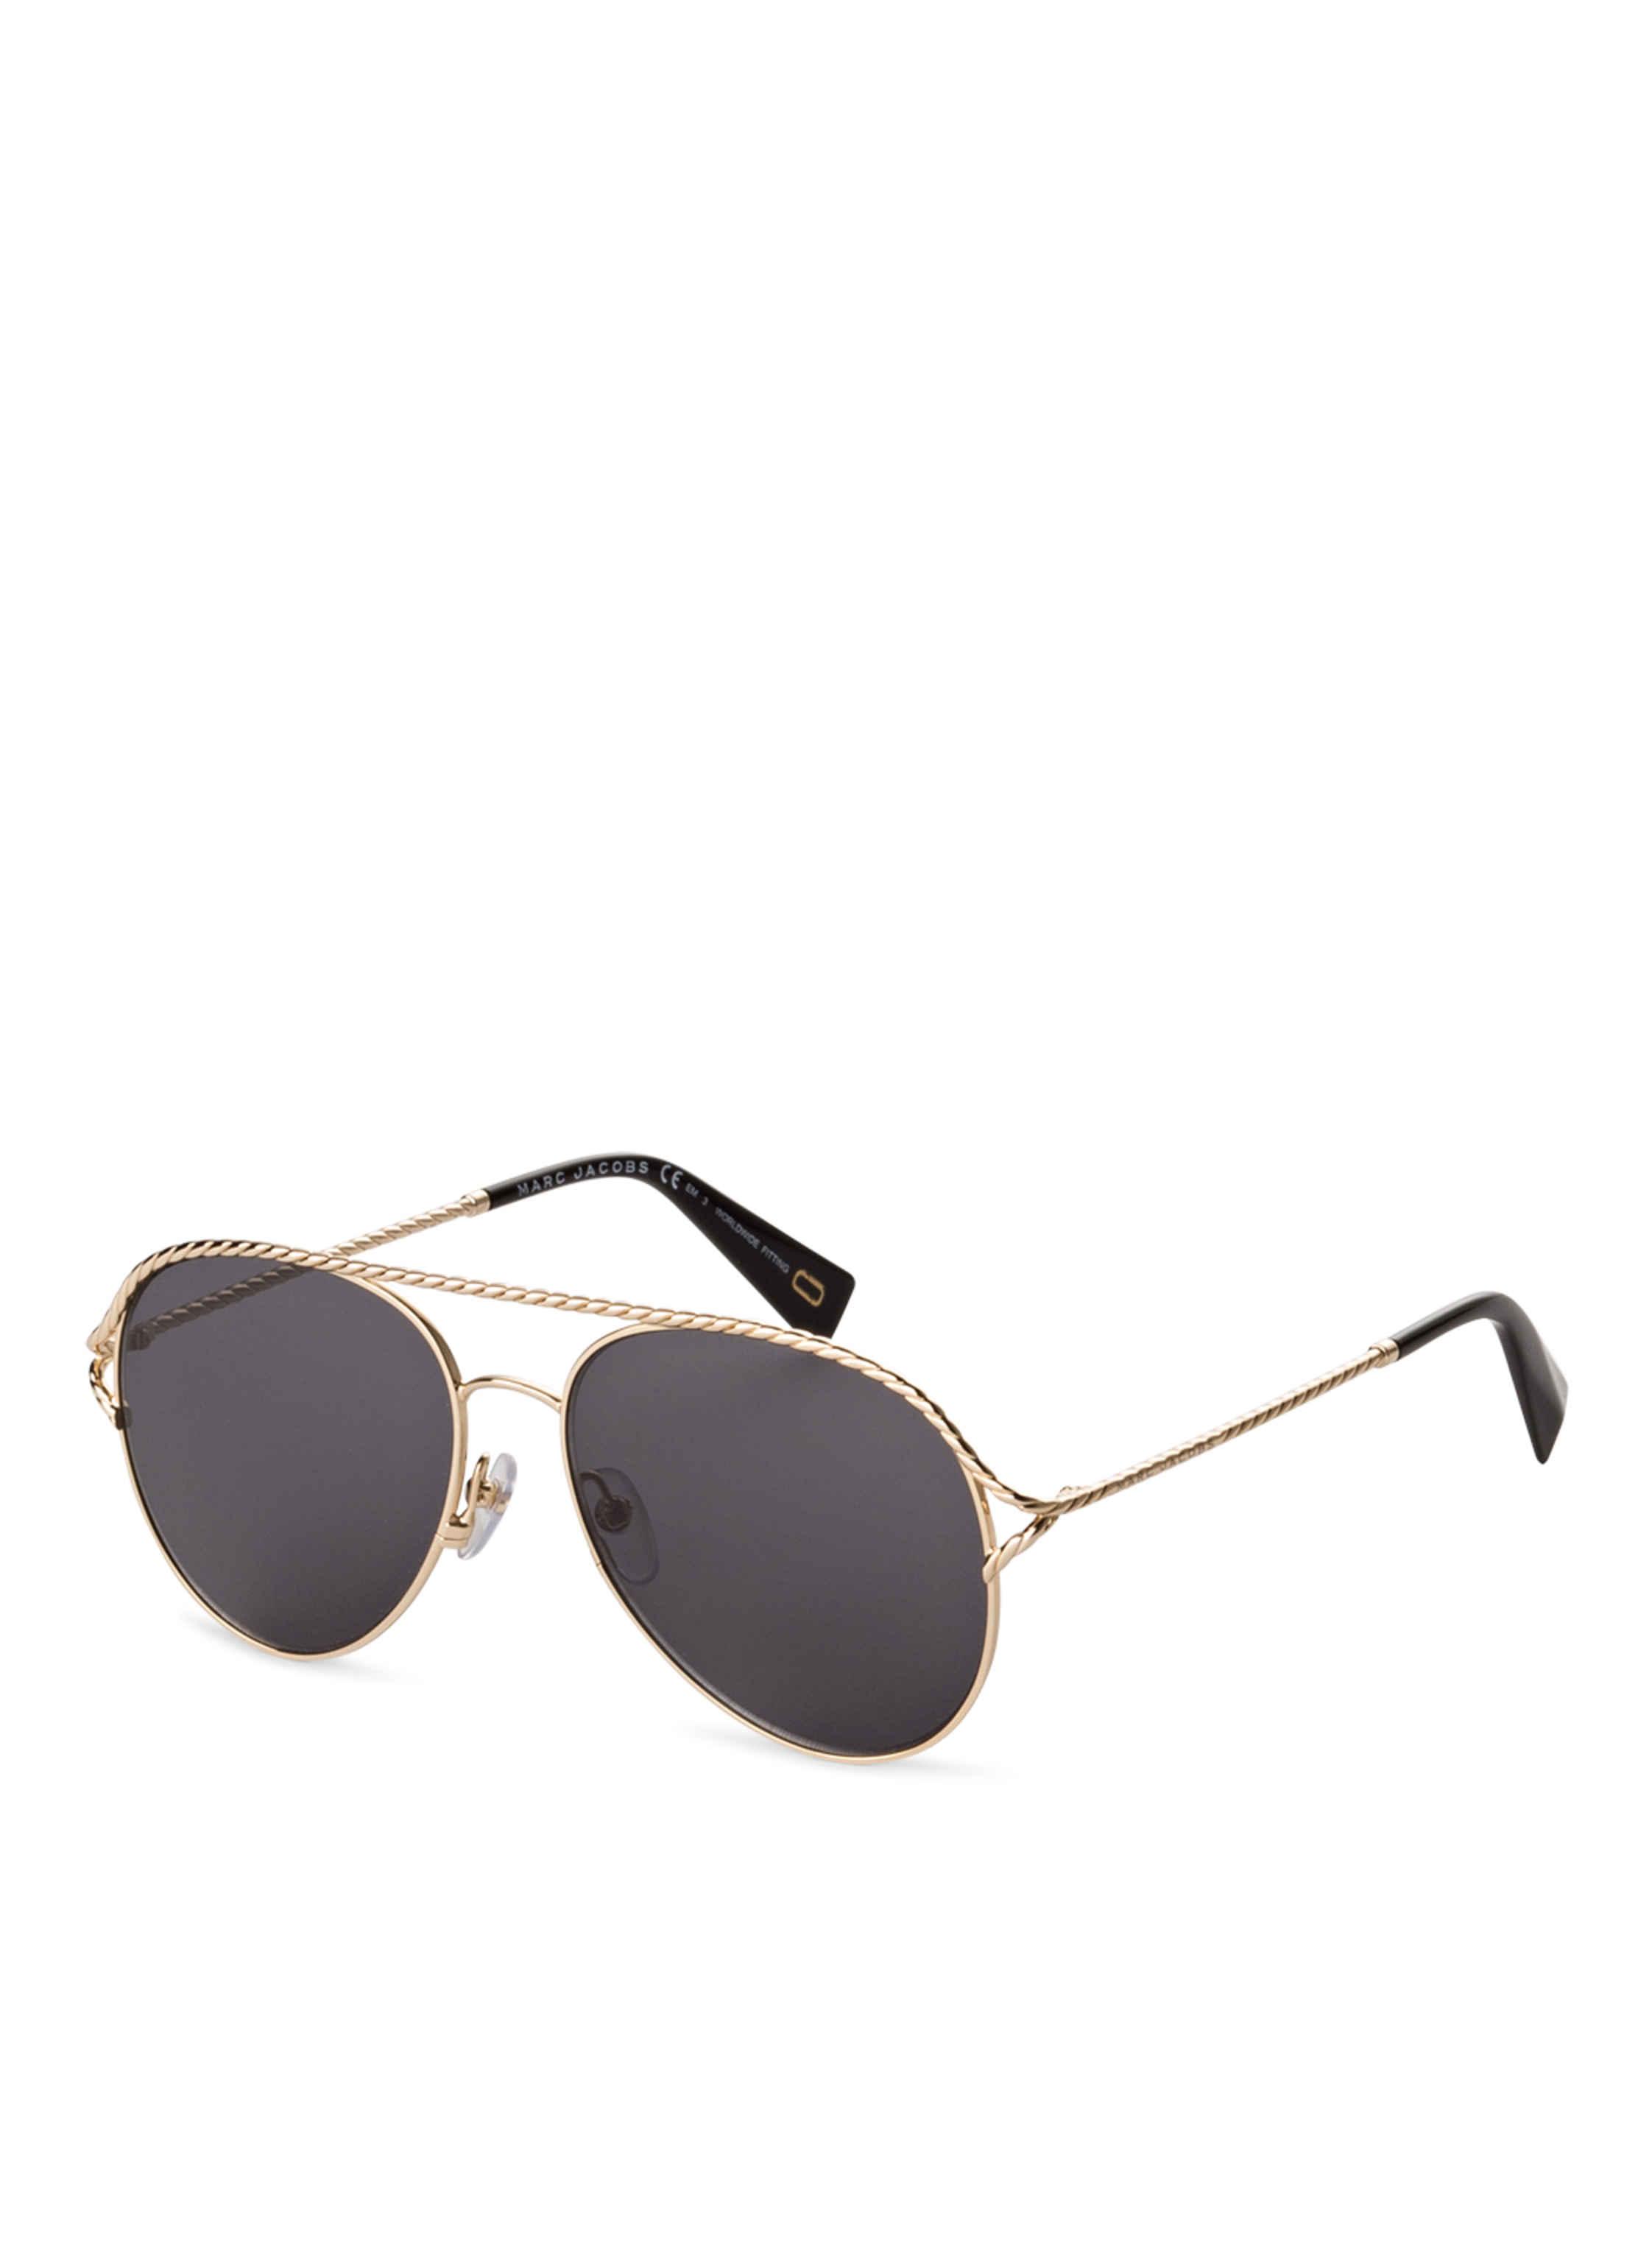 Sonnenbrille MARC 168/S von MARC JACOBS bei Breuninger kaufen